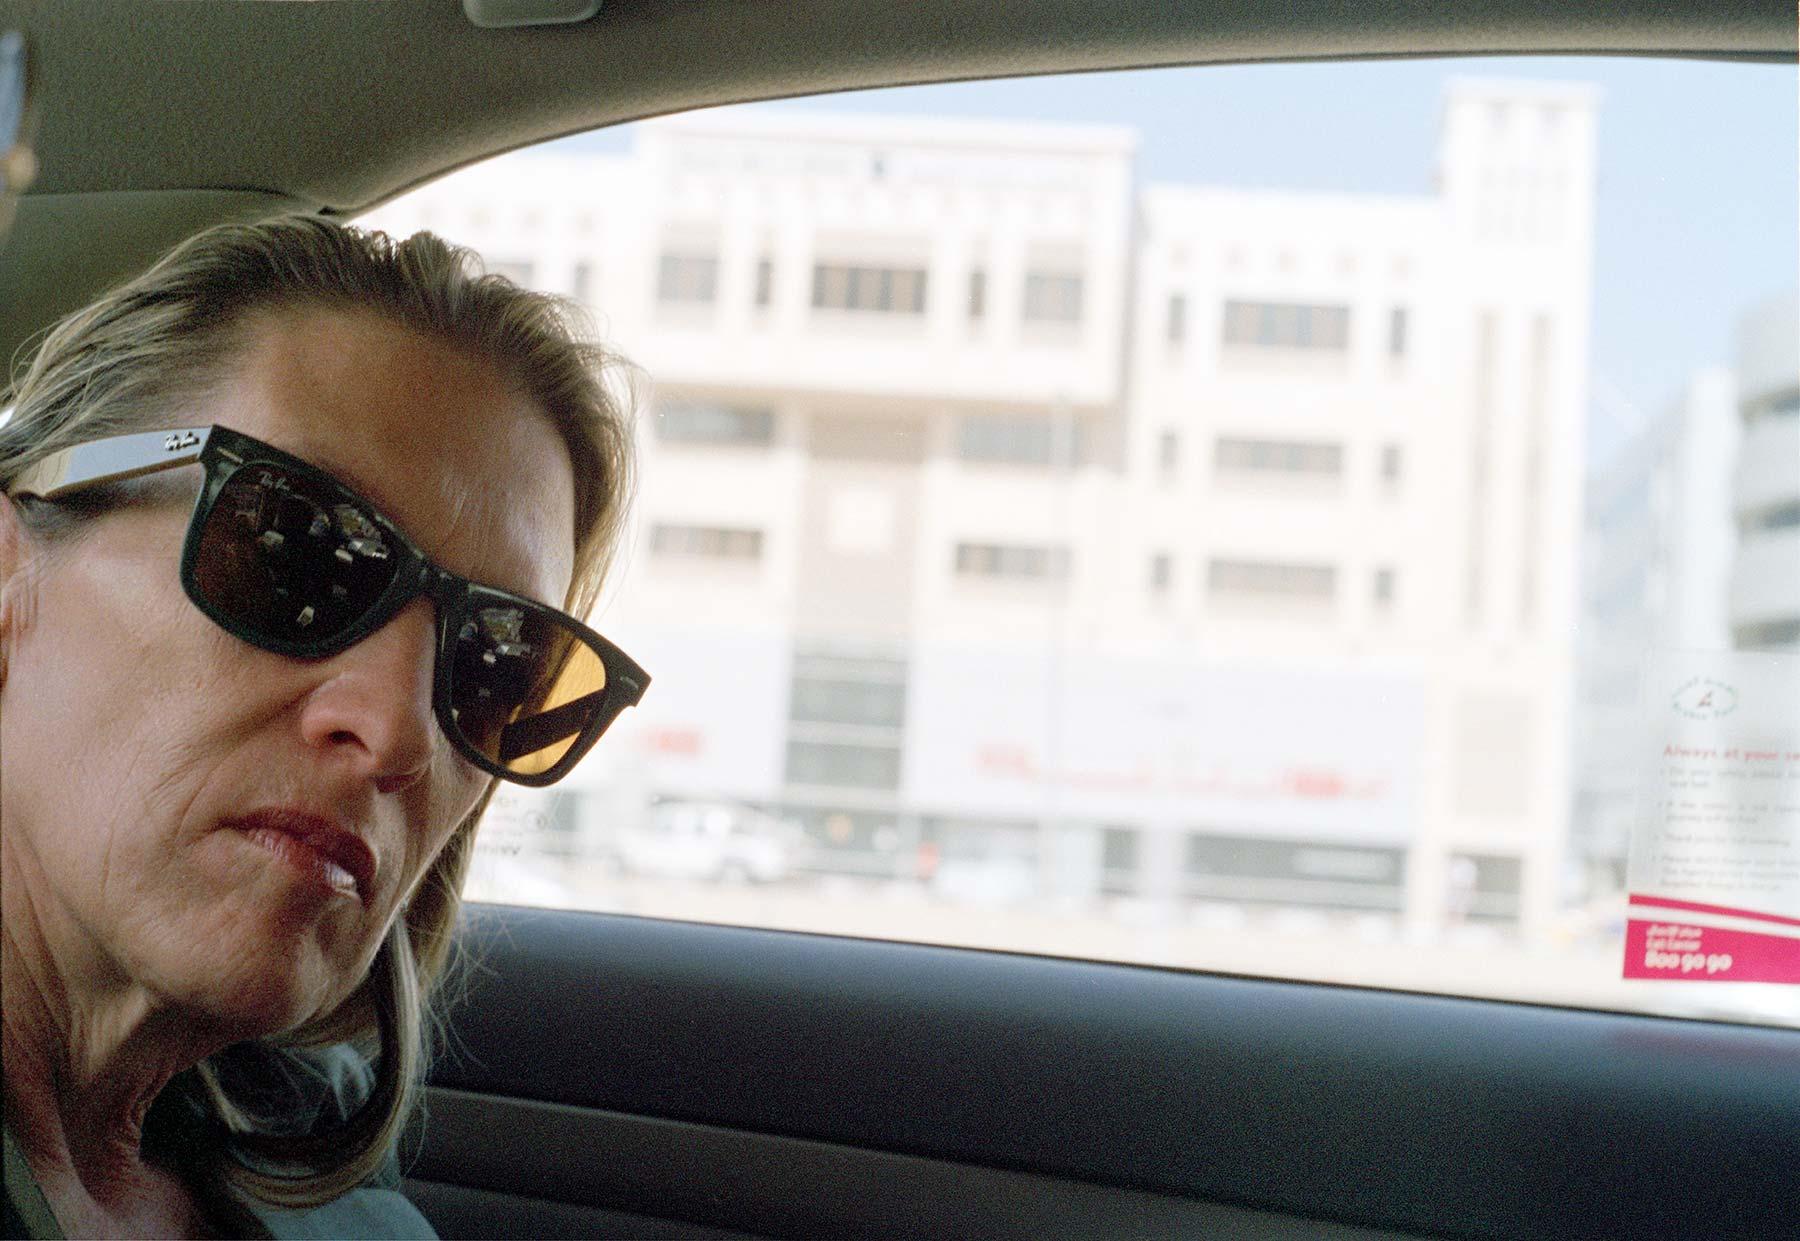 ma-car-window2.jpg